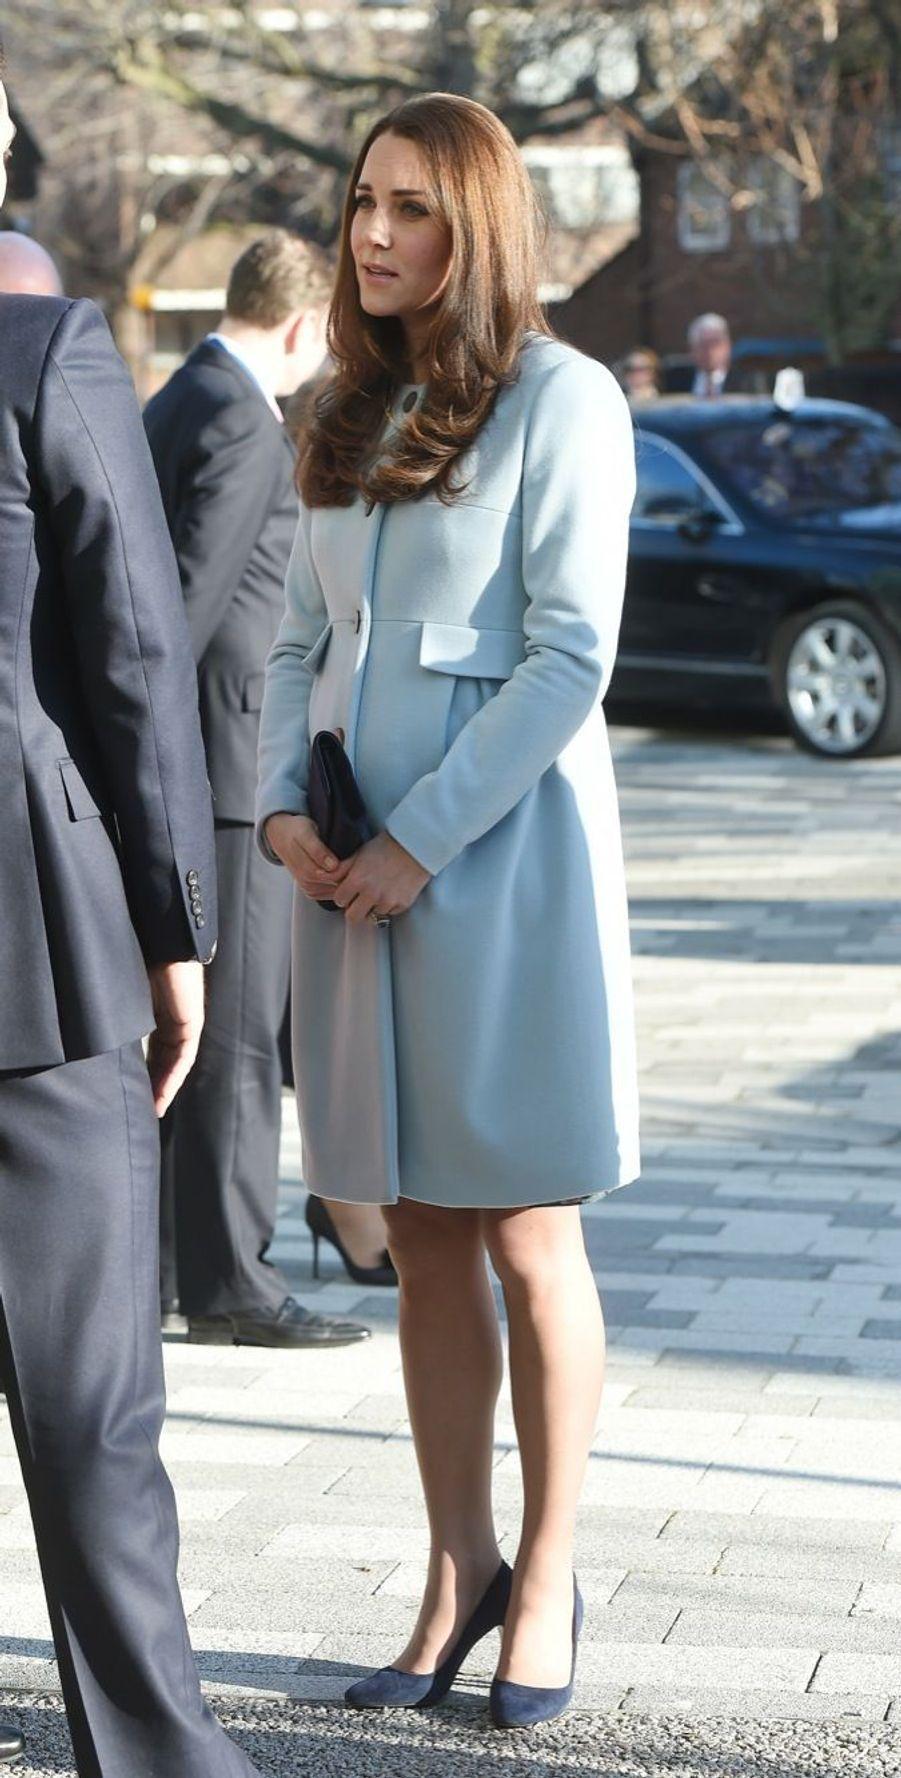 15 La Duchesse De Cambridge, Née Kate Middleton, En Visite À Kensington